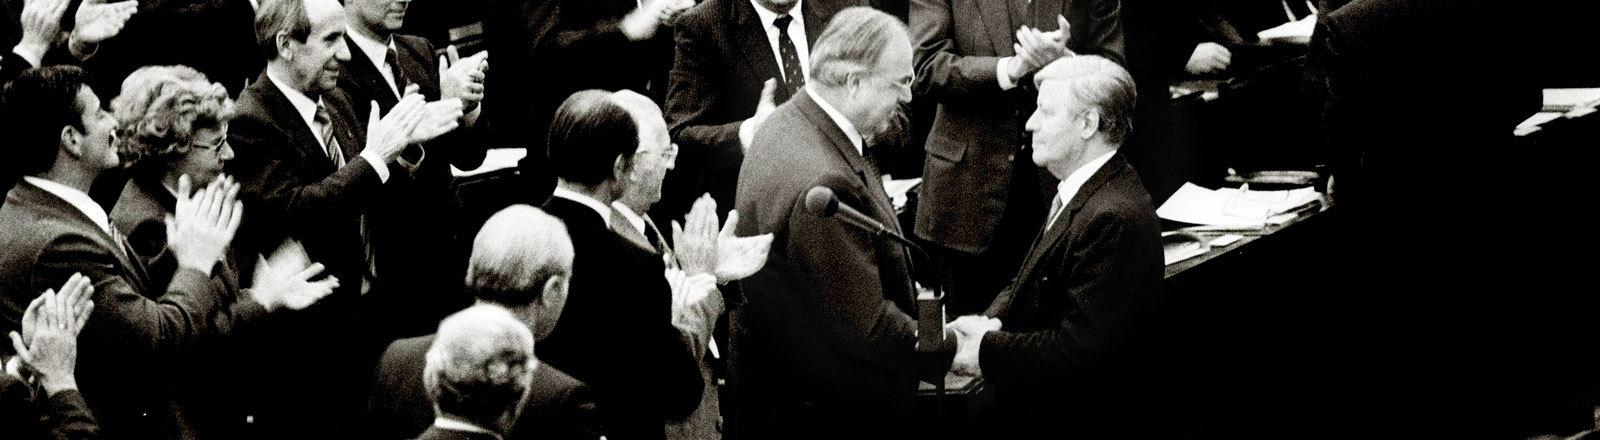 Bundeskanzler Helmut Schmidt gratuliert seinem Nachfolger Helmut Kohl am 01.10.1982.